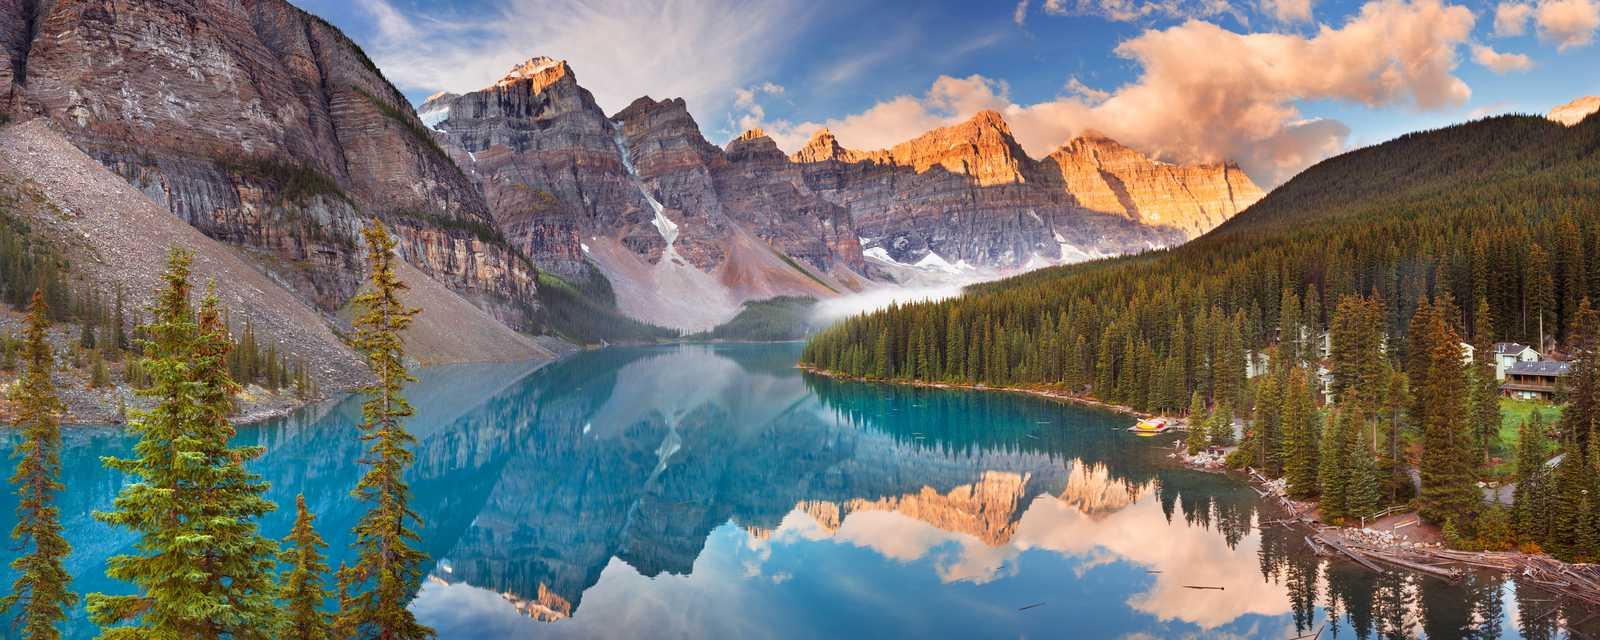 Die Sonne geht auf über dem schönen Moraine Lake im Banff Nationalpark in Alberta